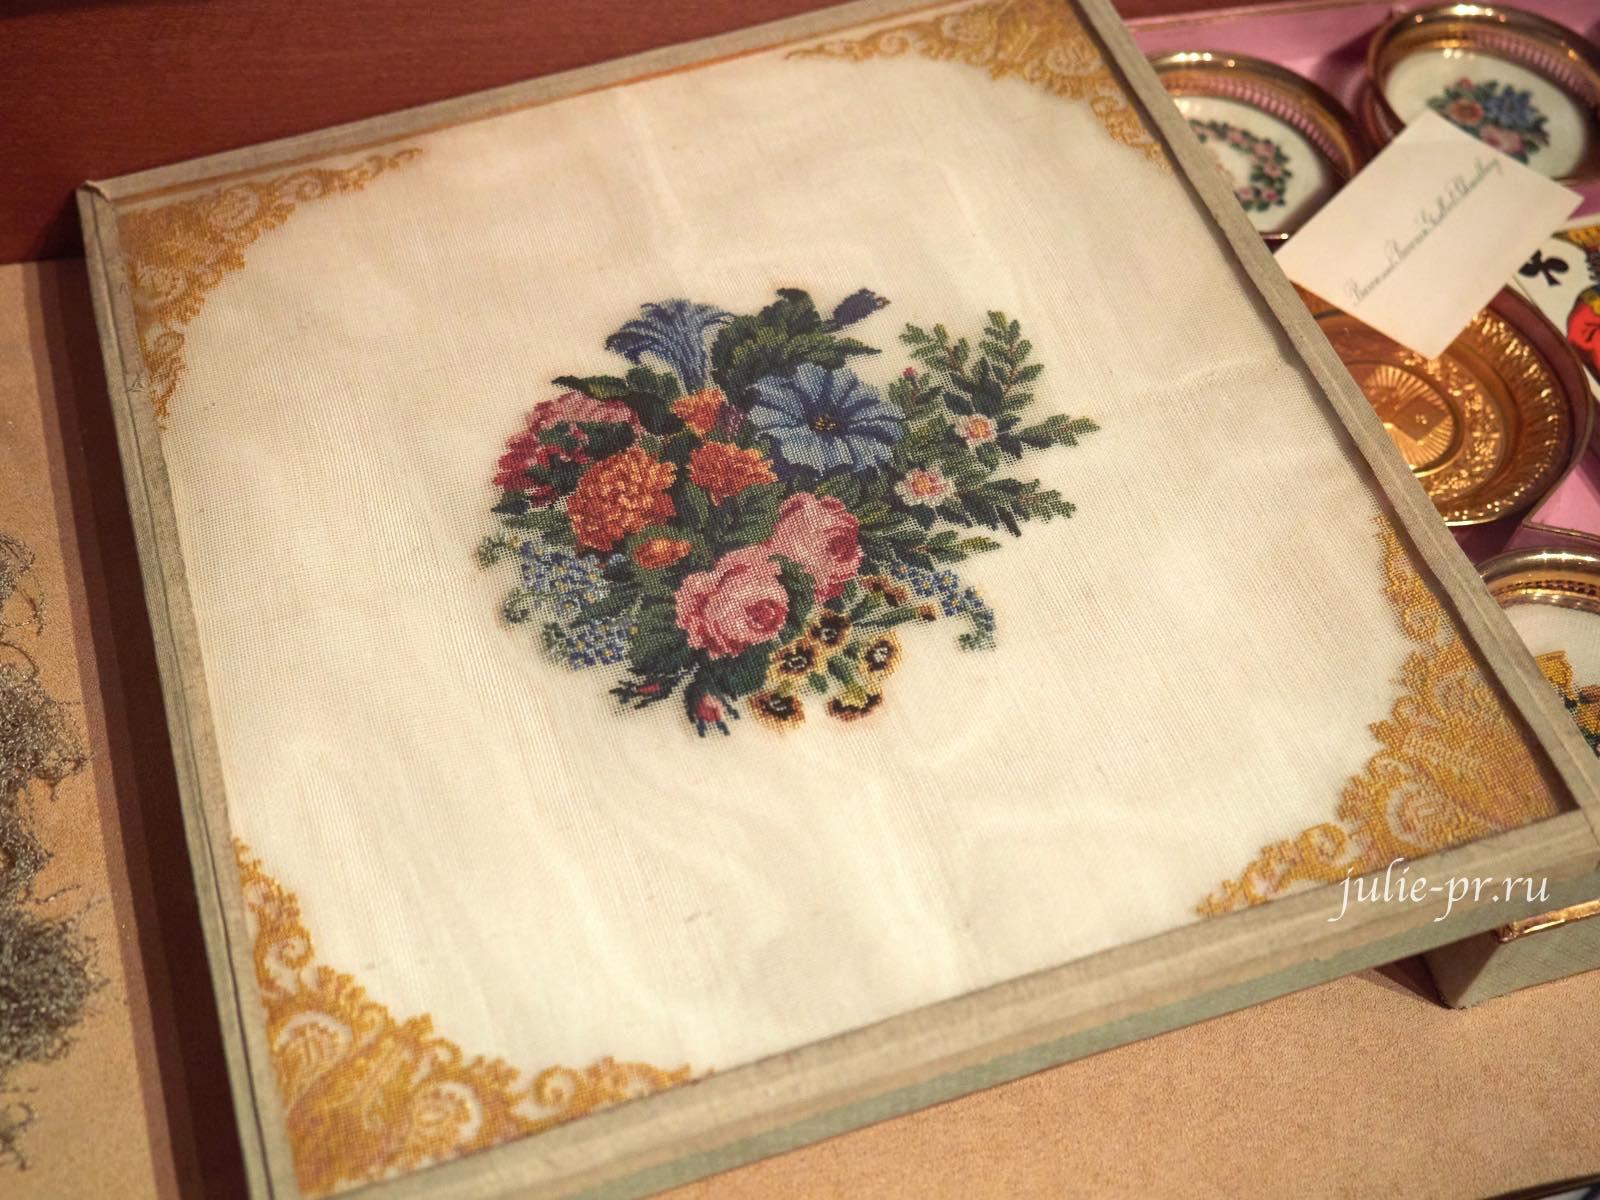 Набор для карточной игры, крышка коробки с вышивкой petit point, 1840-е гг, музей Тропинина, выставка Старинные вышивки